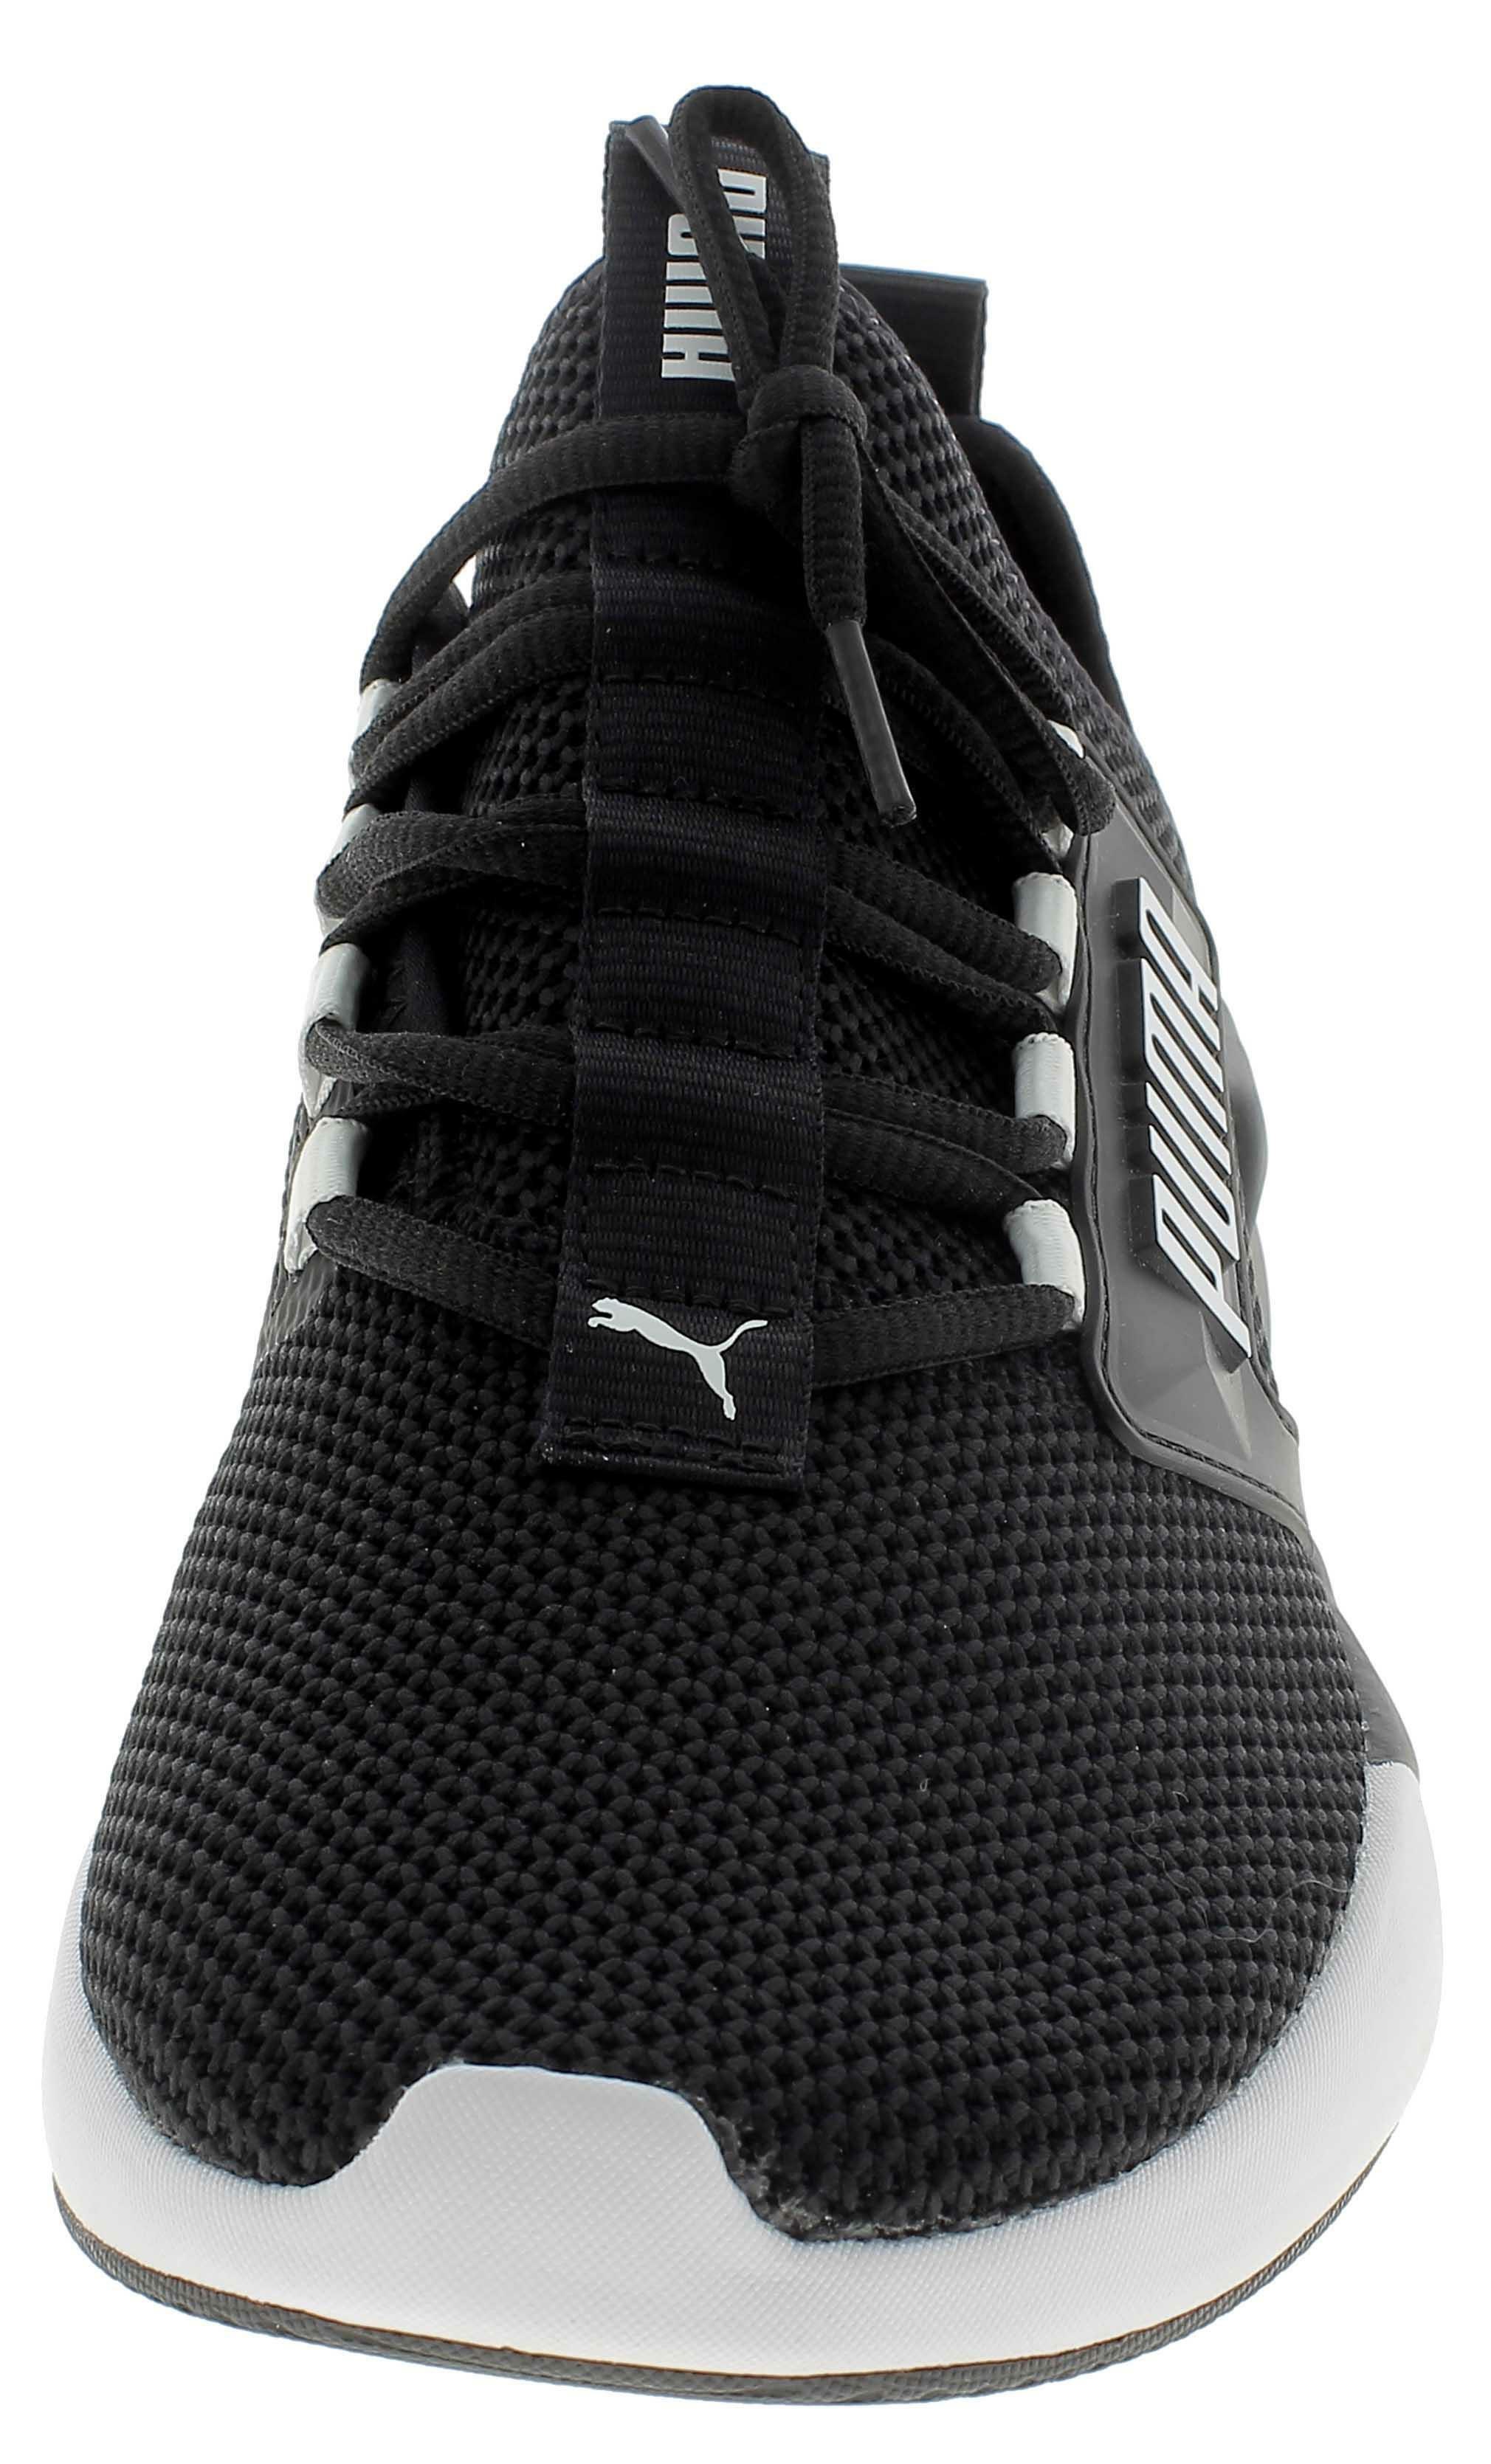 comprare popolare be50b a2e10 Puma retaliate scarpe sportive uomo nere 19234001